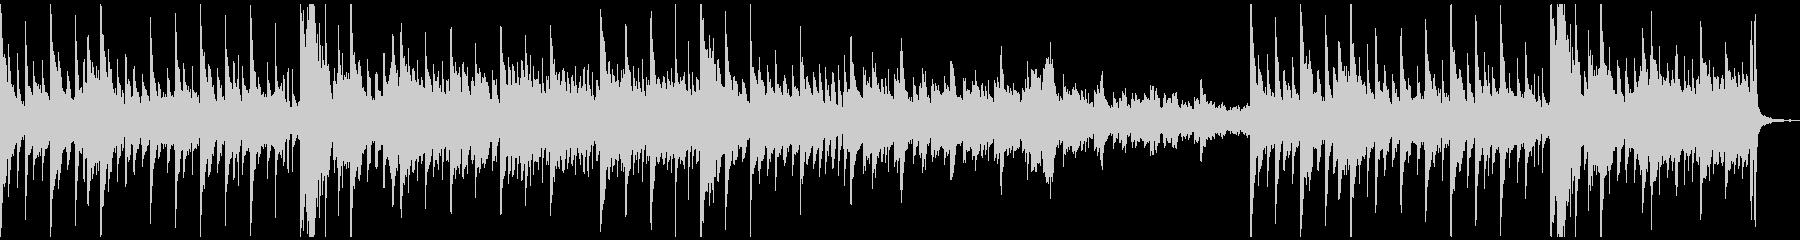 ダークなピアノ曲の未再生の波形